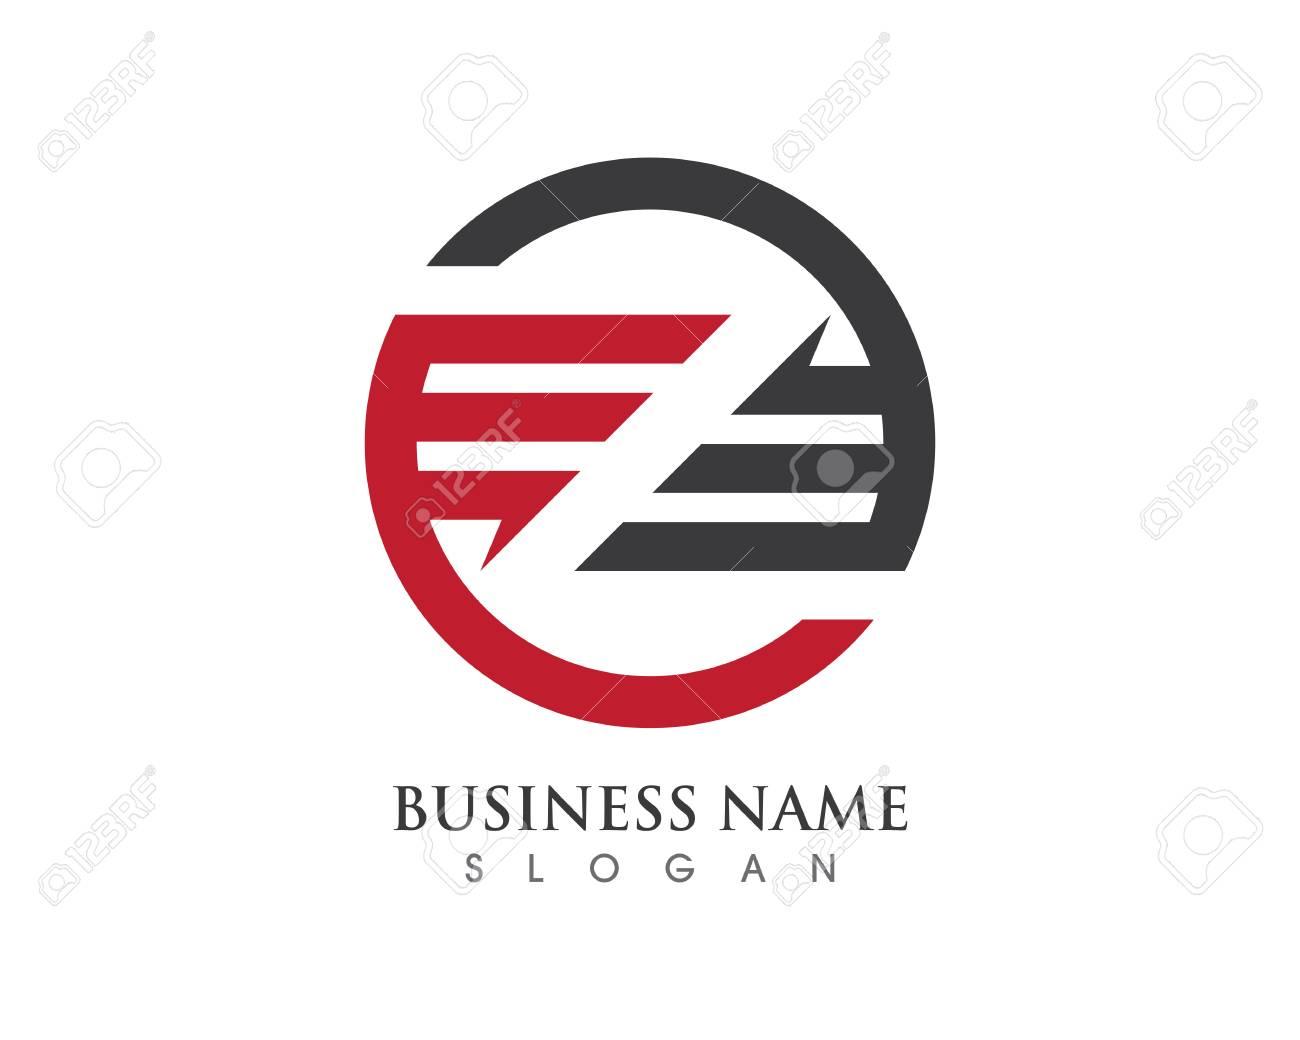 Z Brief Logo Geschäft Professionelle Logo Vorlage Lizenzfrei